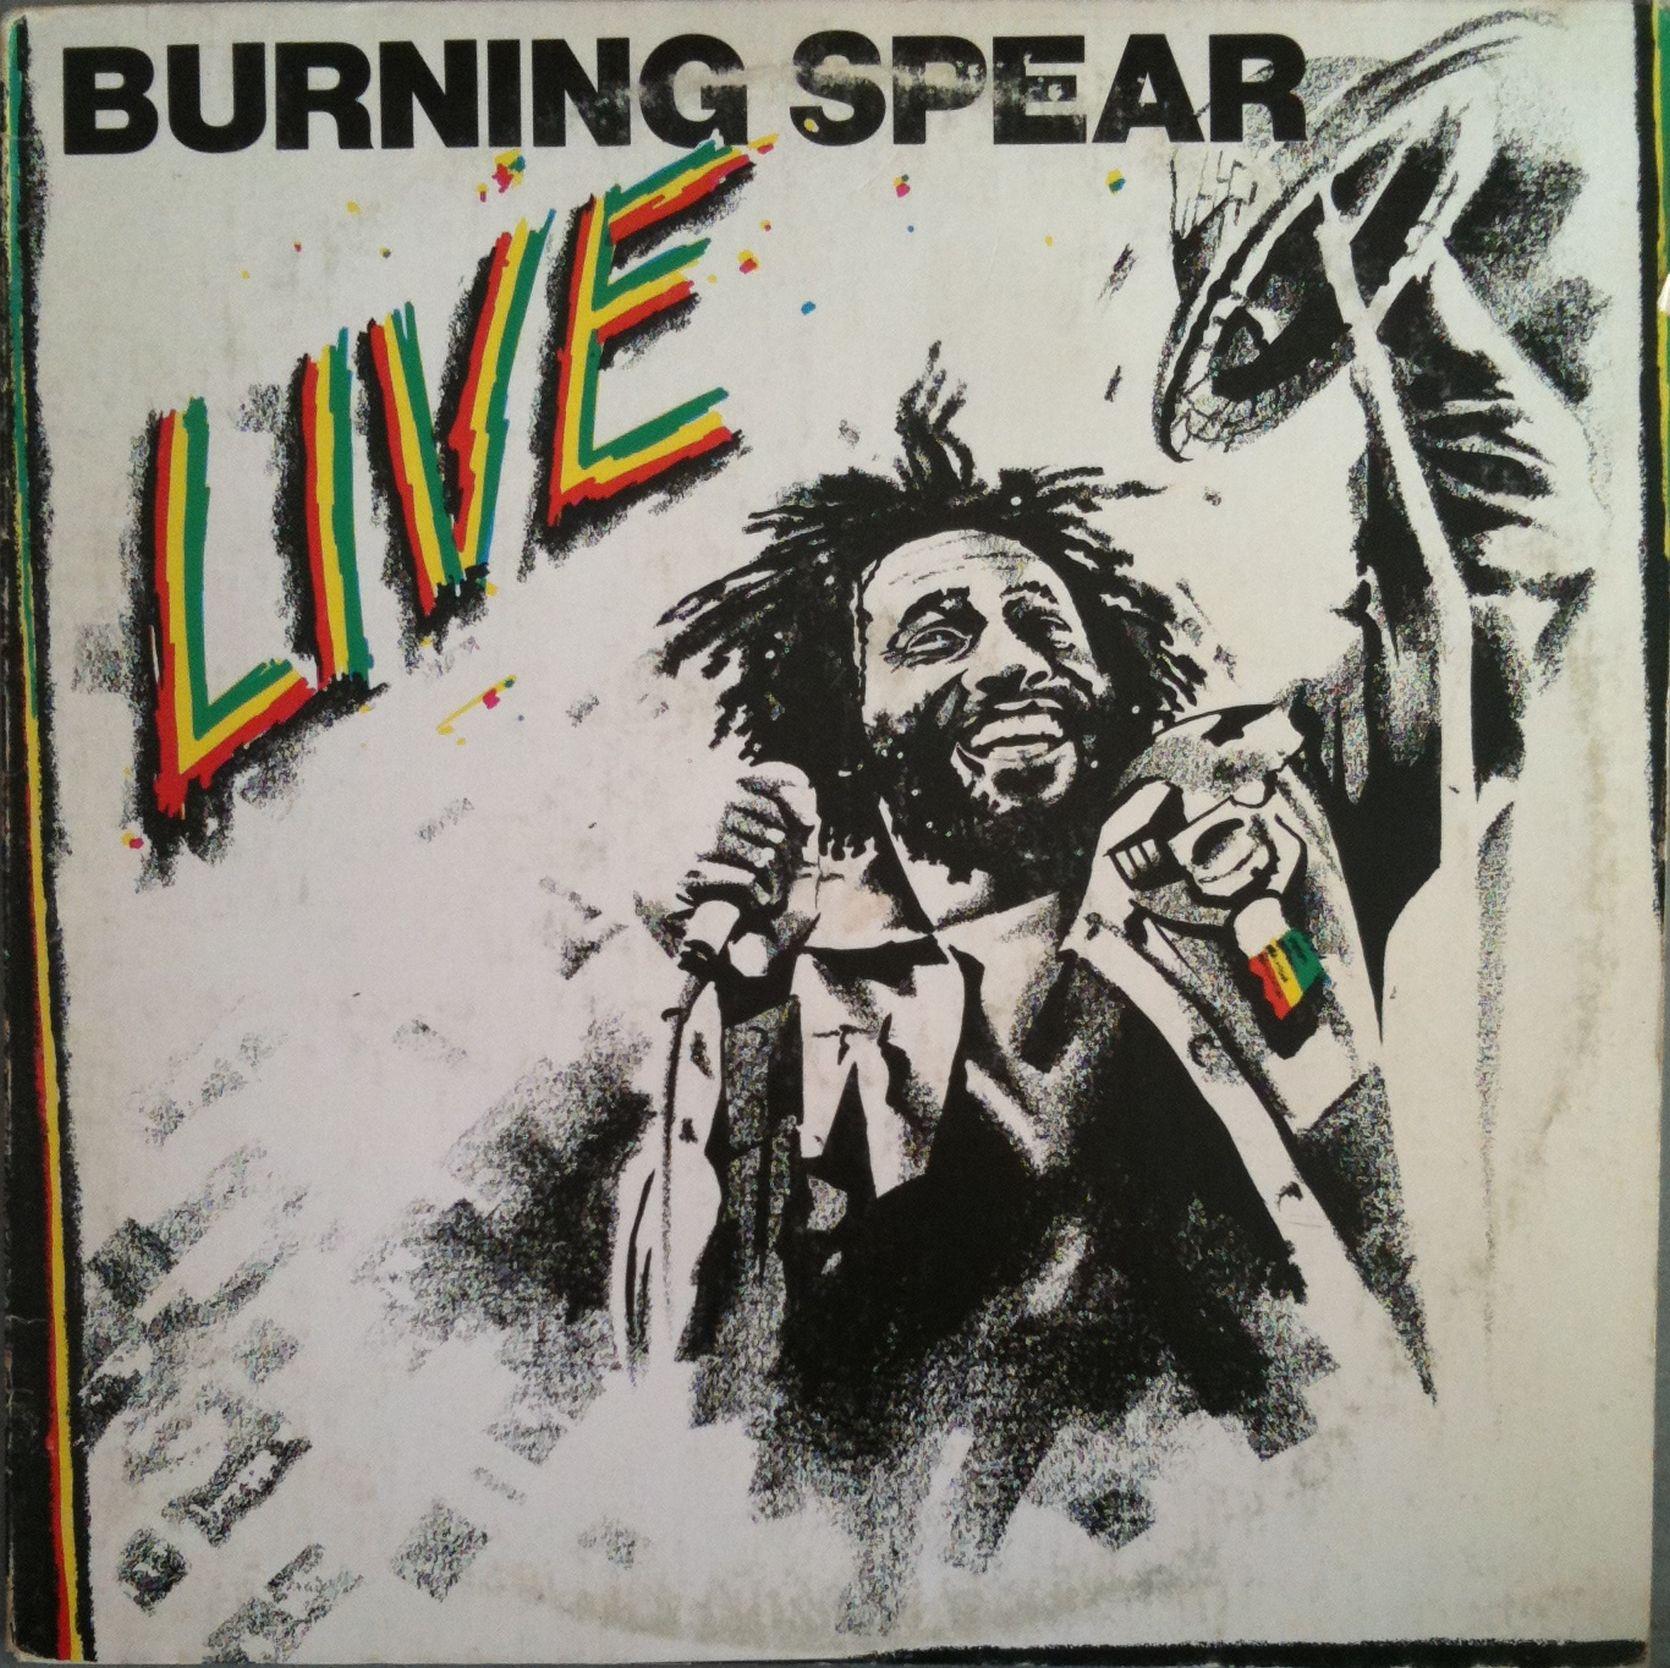 Burning Spear Live Burning Spear Reggae Music Songs Reggae